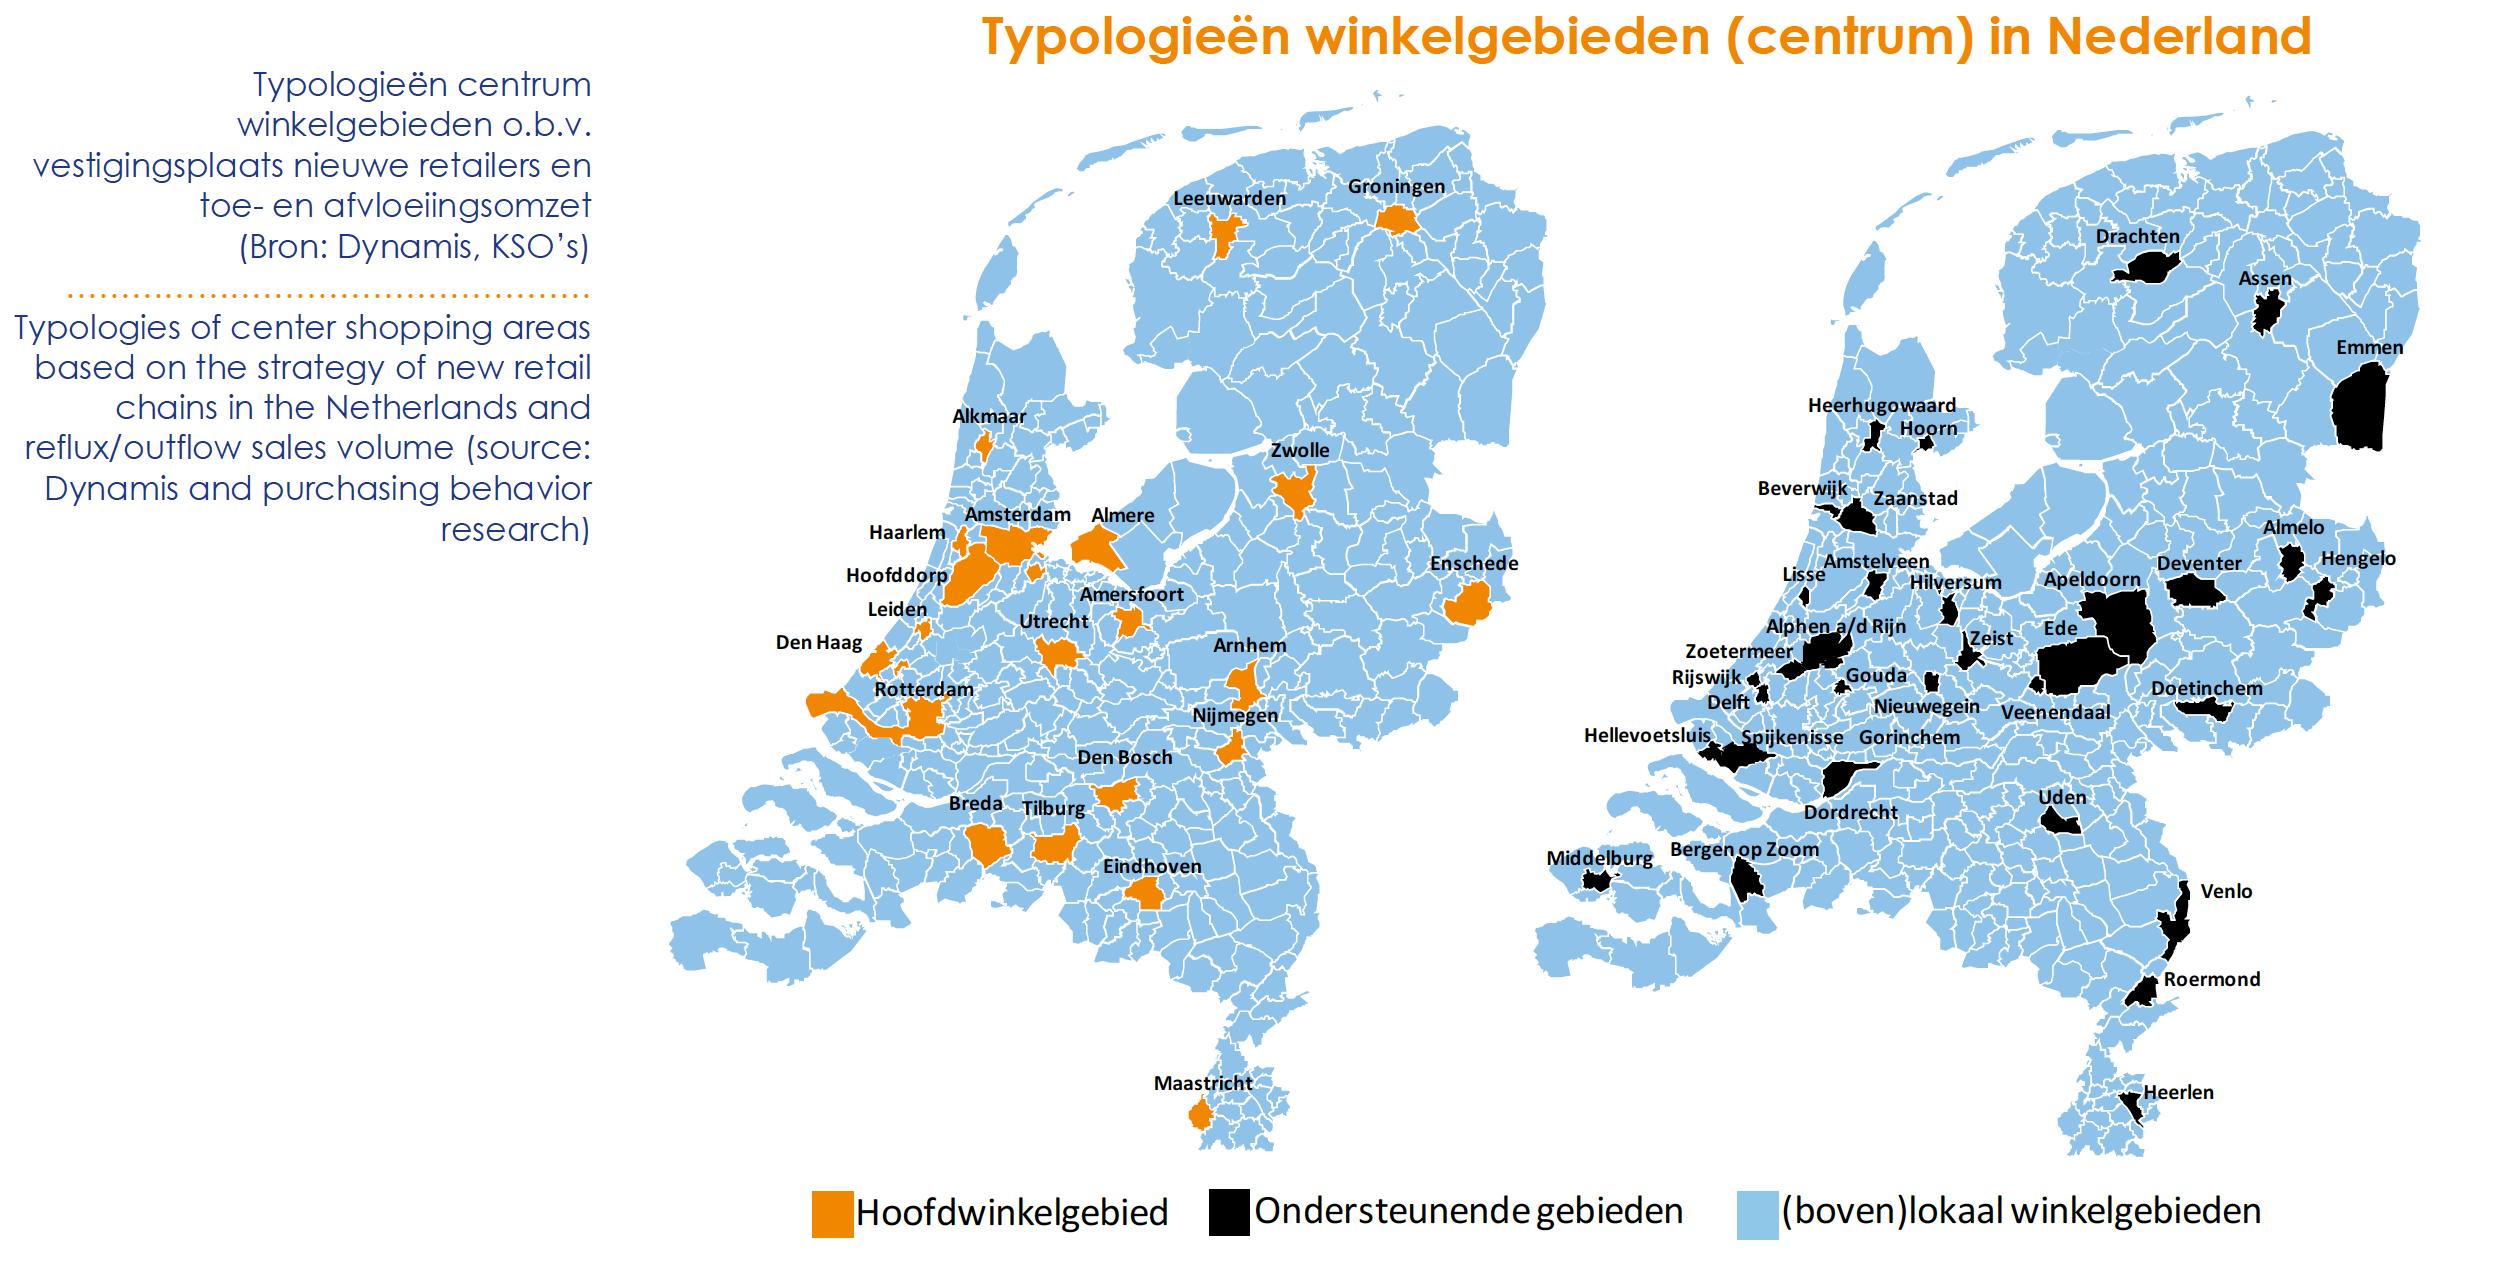 Typologieën winkelgebieden (centrum) in Nederland